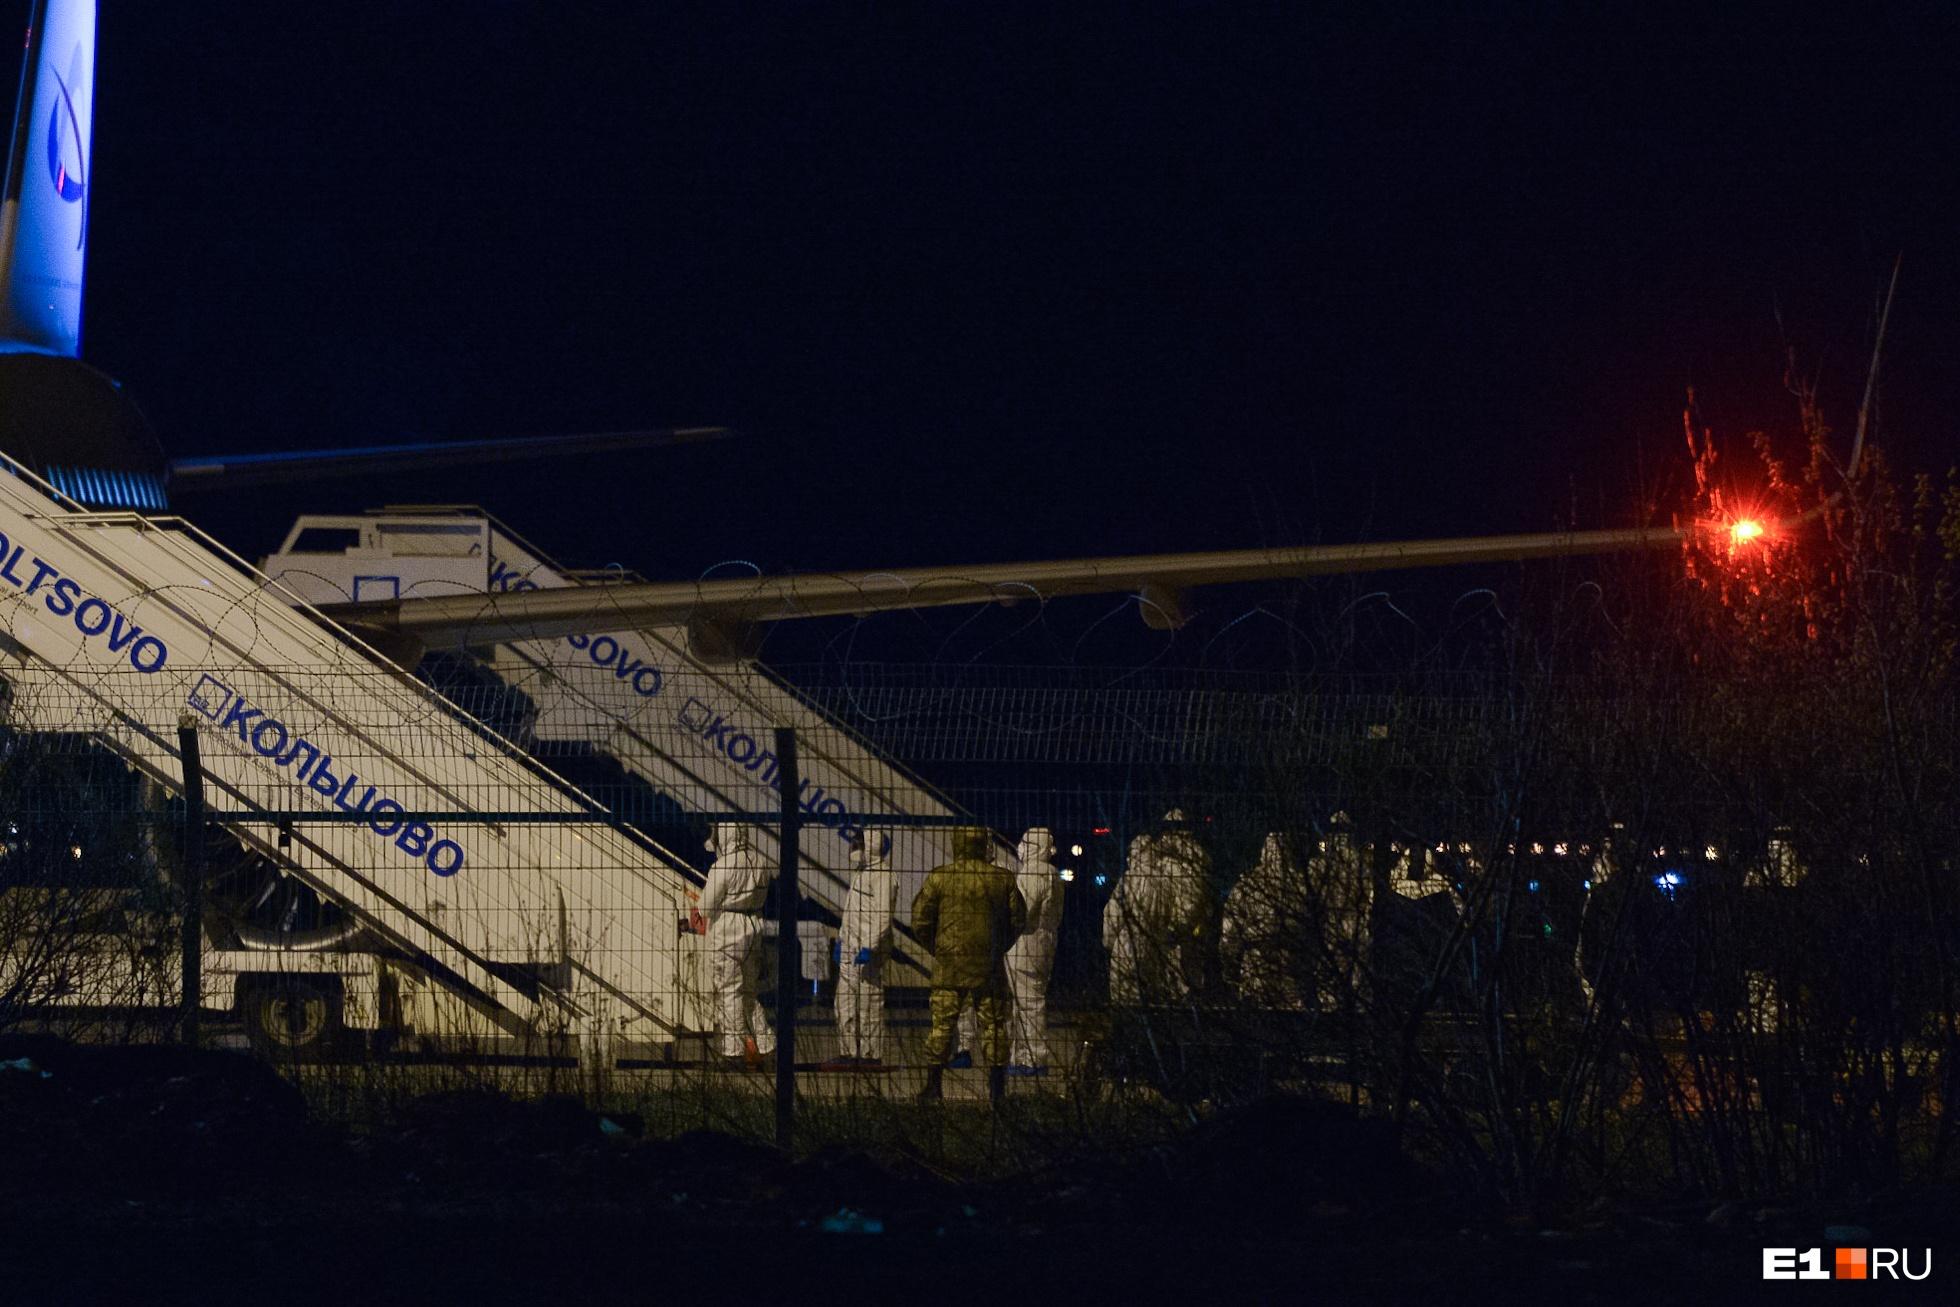 Люди в защитных костюмах ждали пассажиров у трапа